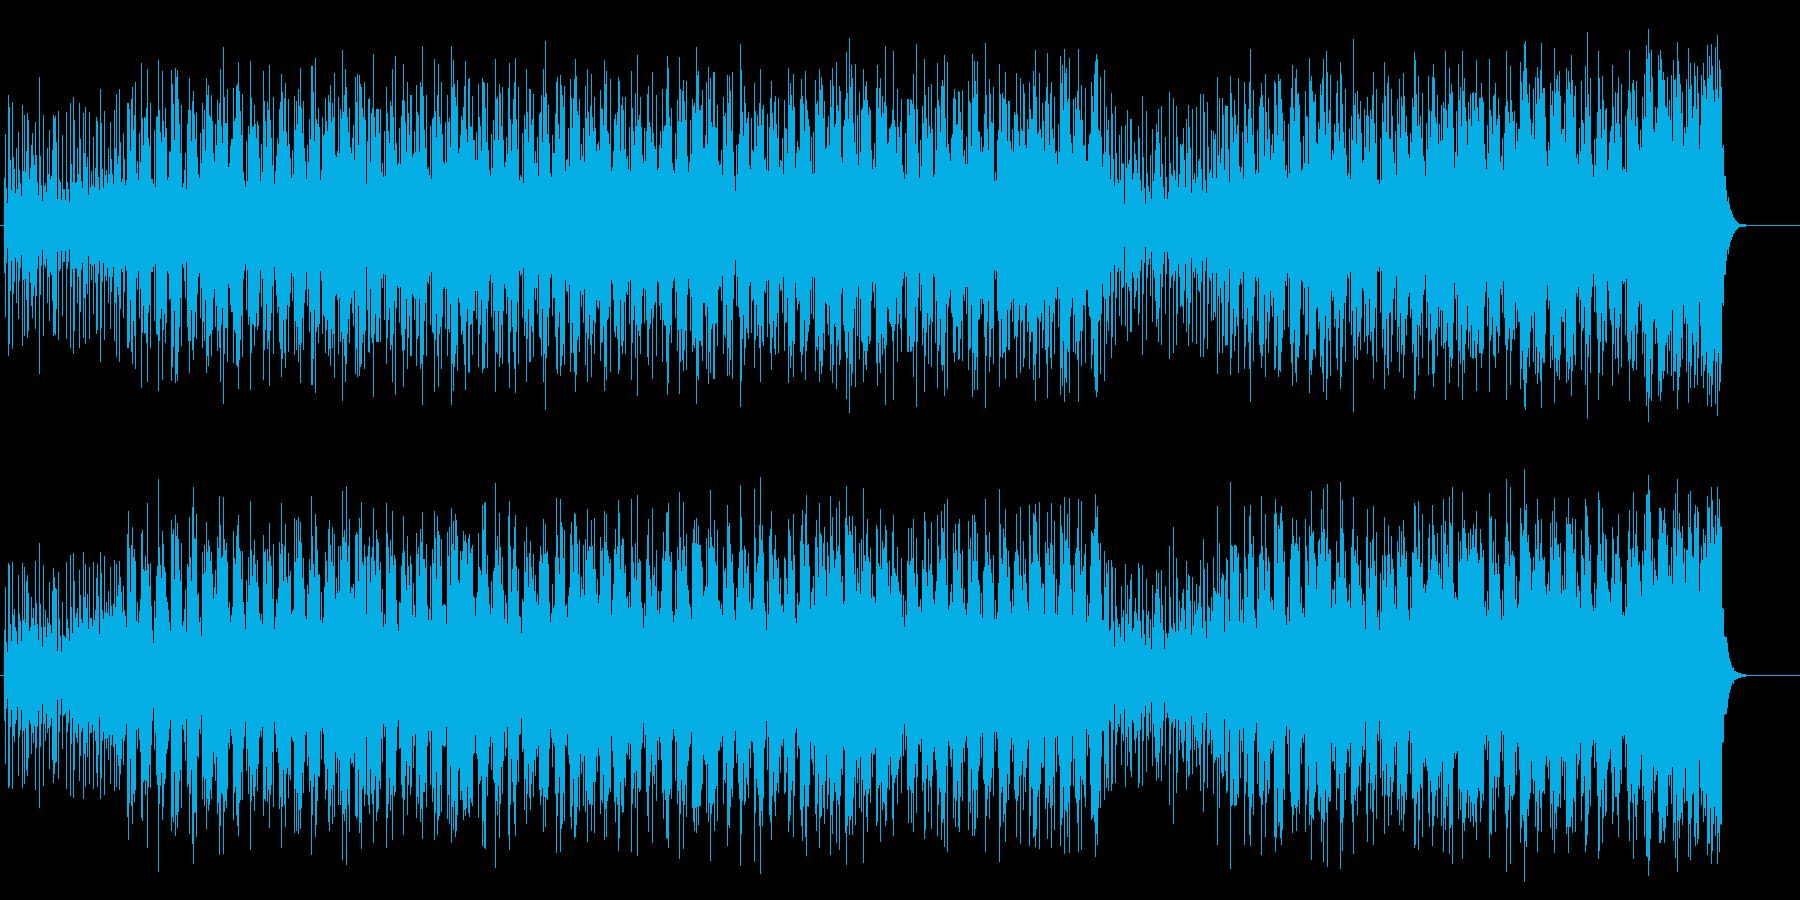 字幕インフォメーション用フュージョンの再生済みの波形